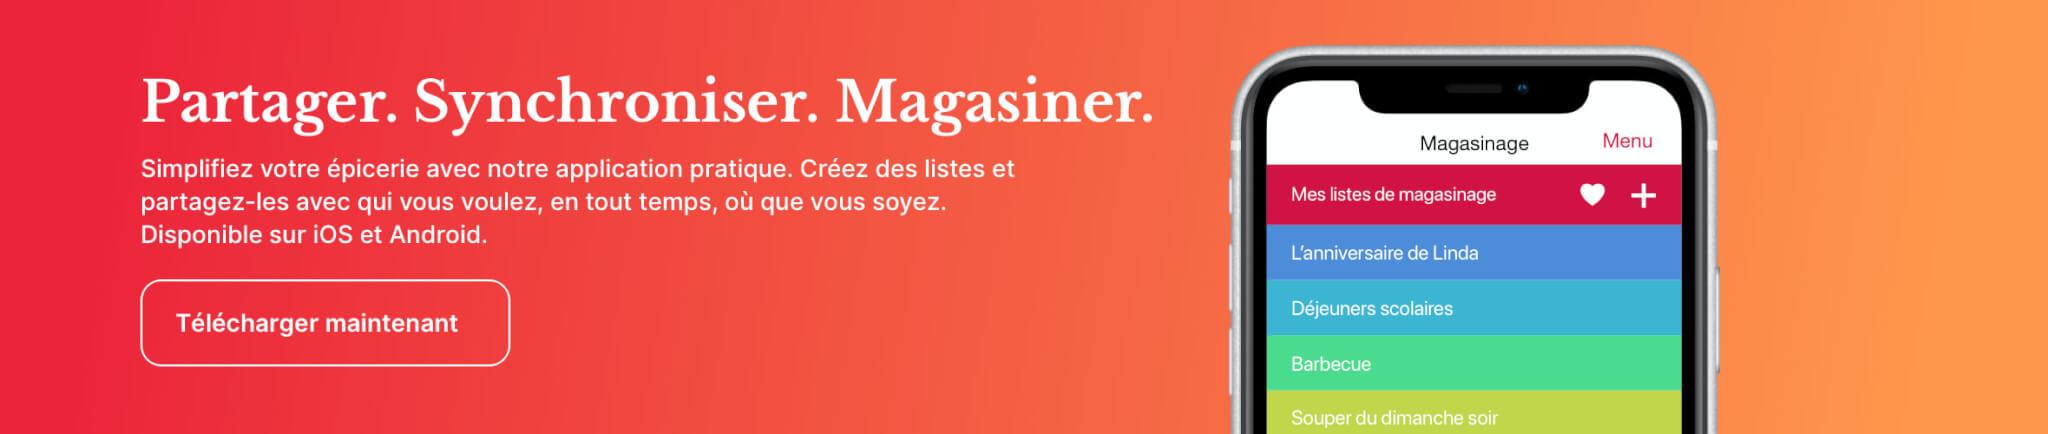 App Banner (FR)